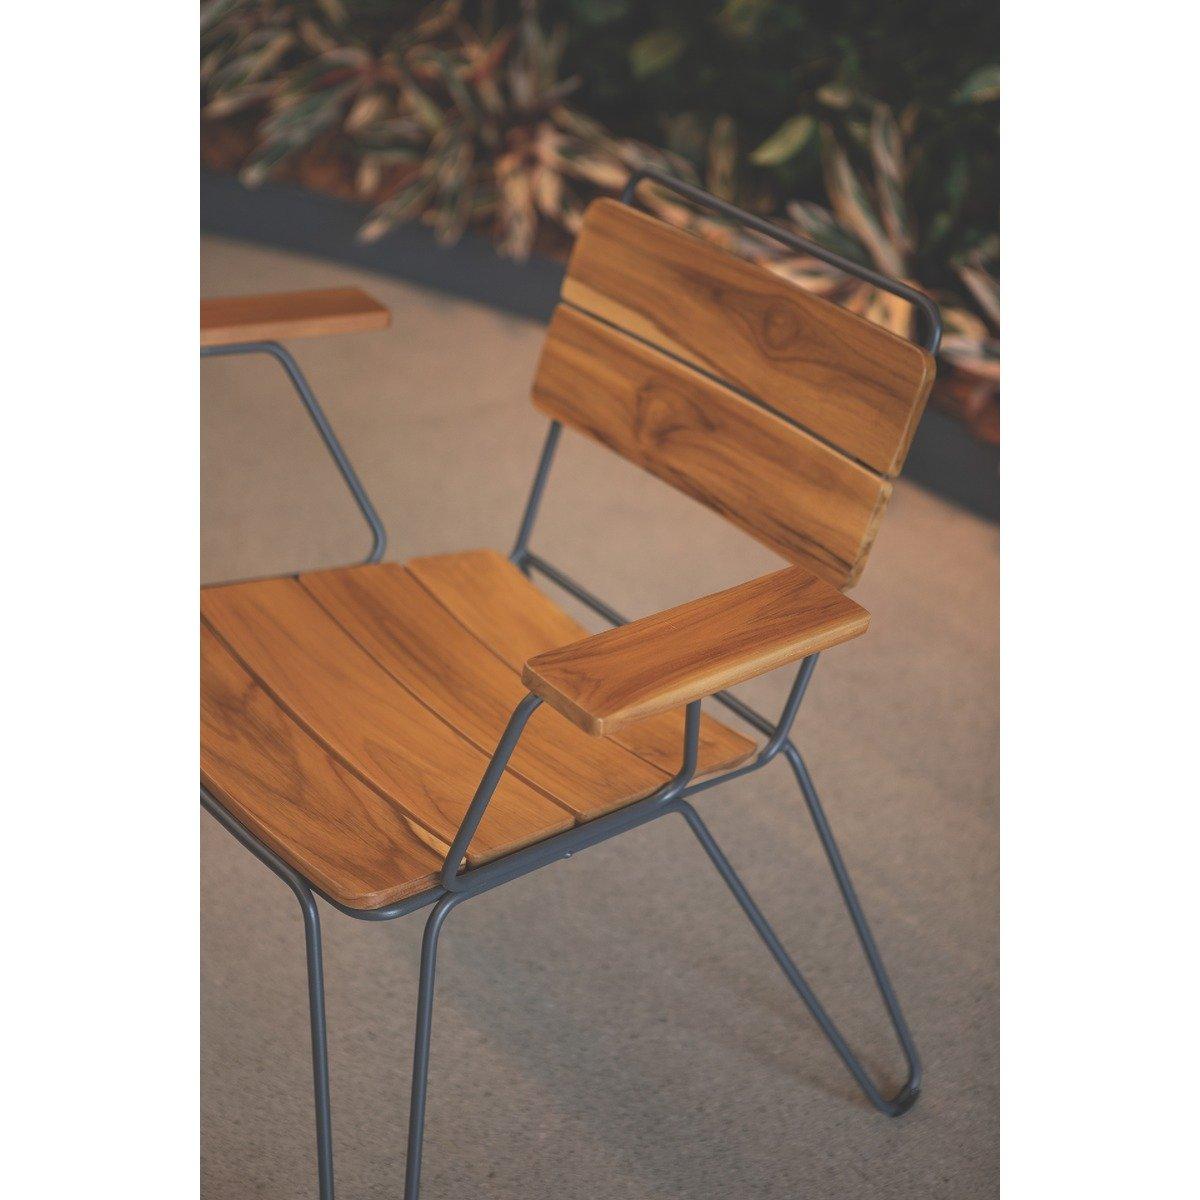 Cadeira Tramontina Tarsila com Braços em Madeira Teca Estrutura em Aço Carbono e Acabamento Ecoclear Grafite